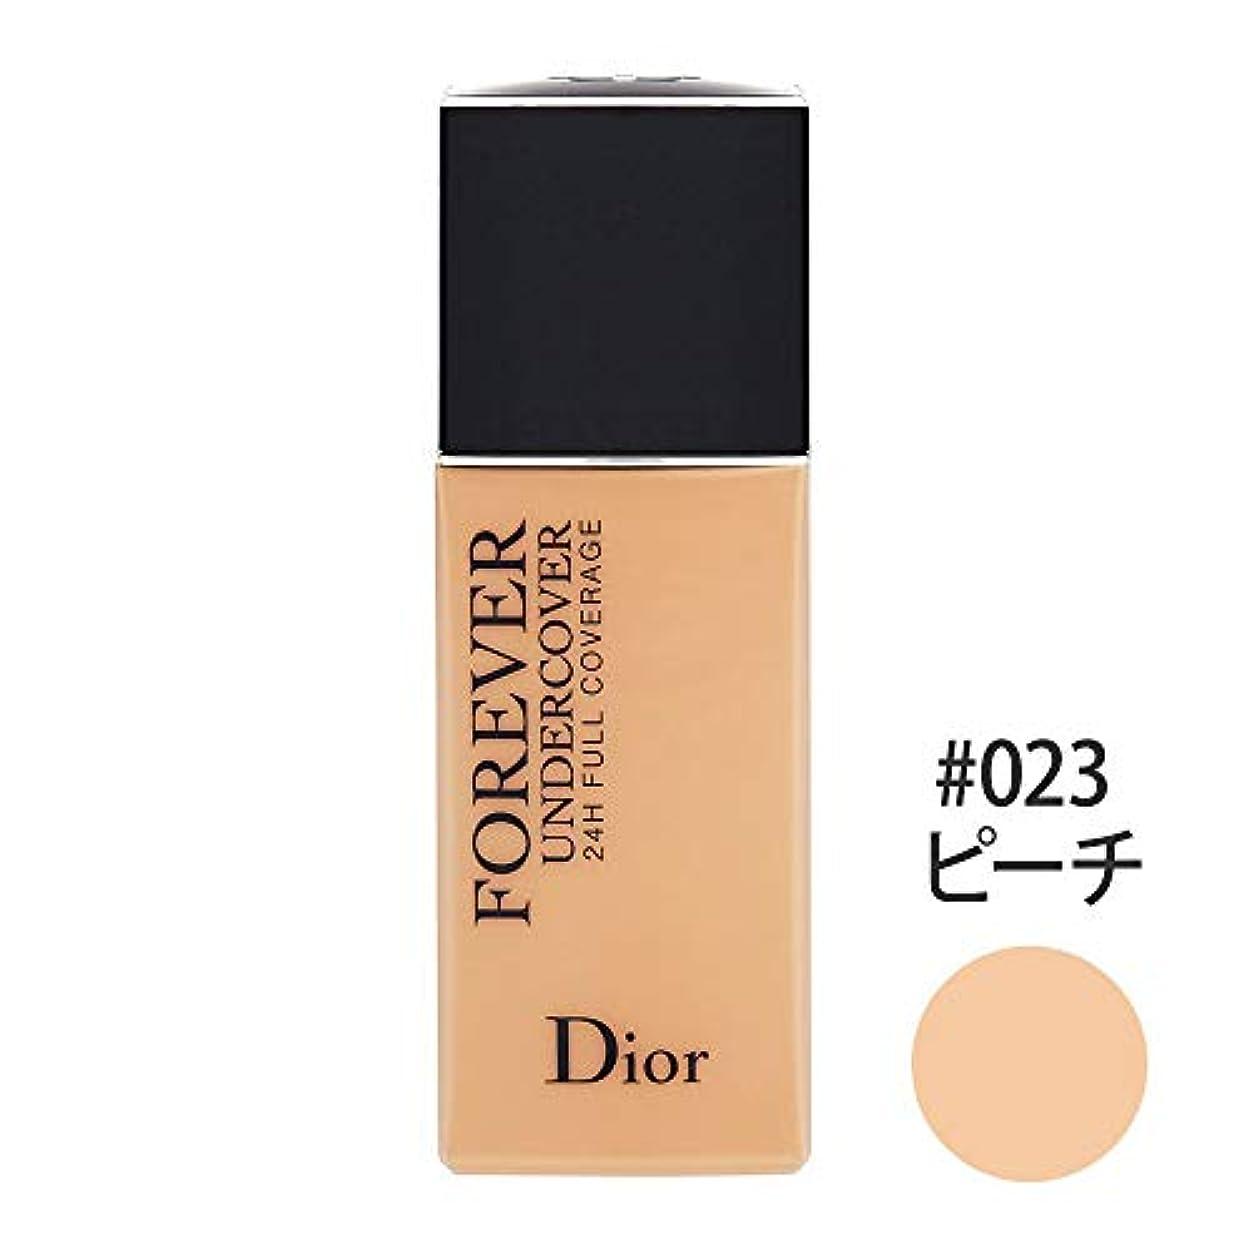 歯現象孤独なディオール(Dior) ディオールスキン フォーエヴァー アンダーカバー #023(ピーチ) 40ml [並行輸入品]